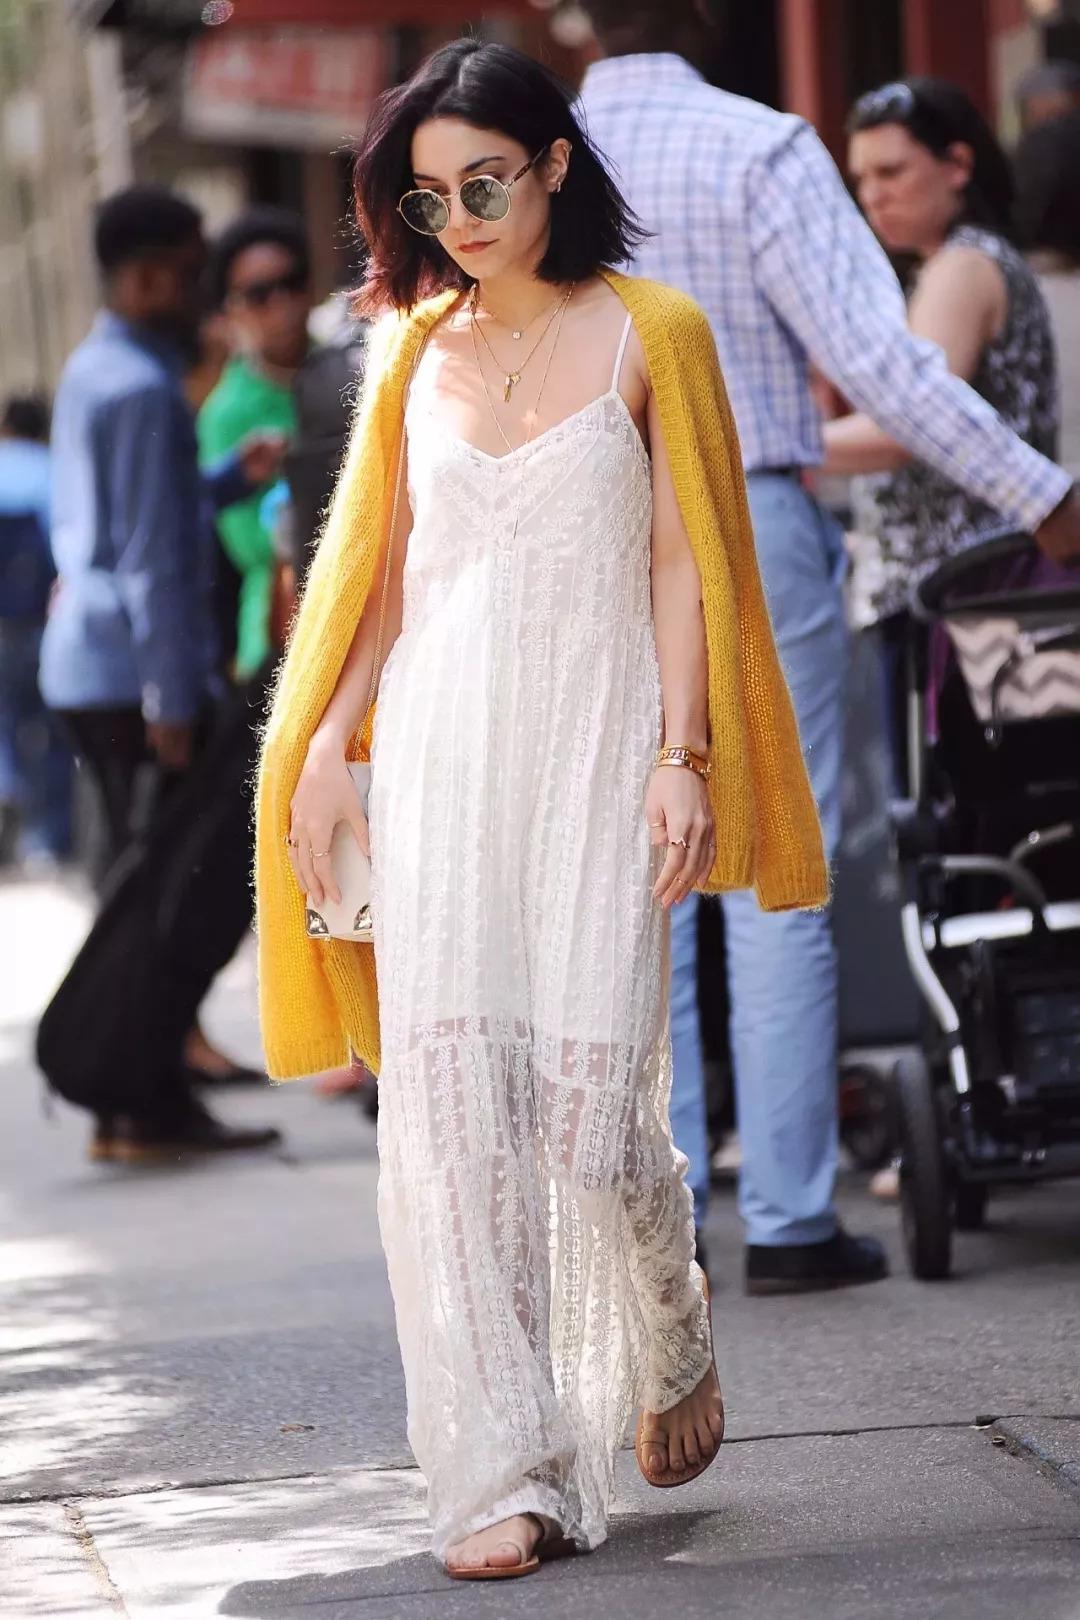 针织开衫配吊带长裙,看起来特别温柔优雅